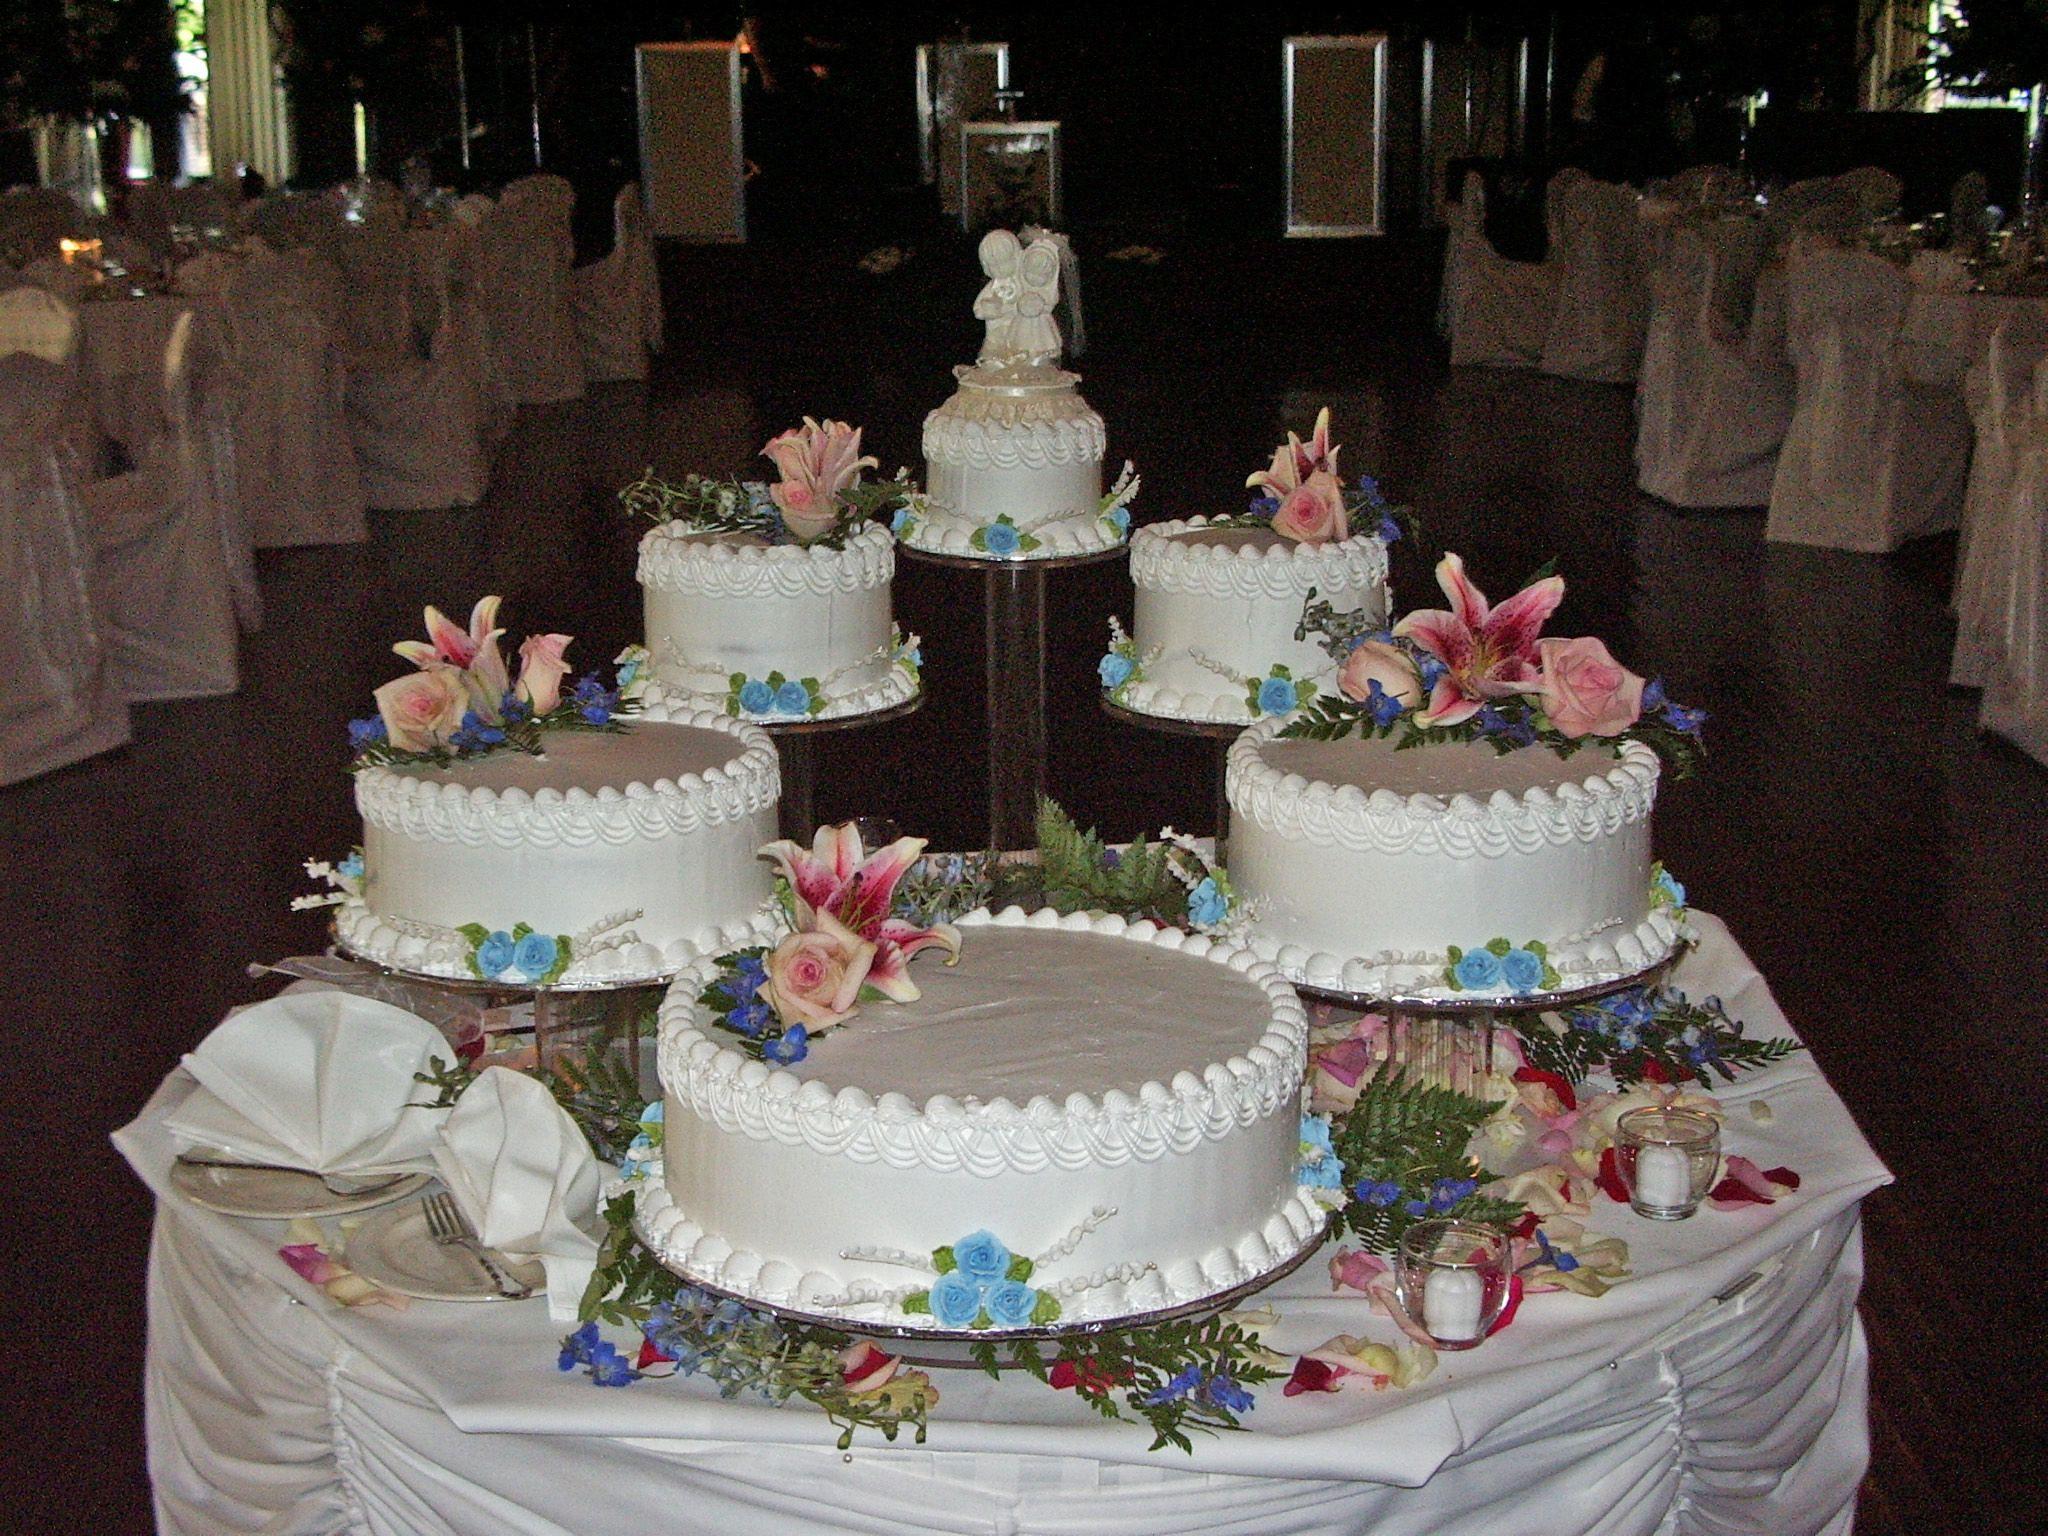 Floating Wedding Cakes  Pin Floating wedding cake on Pinterest